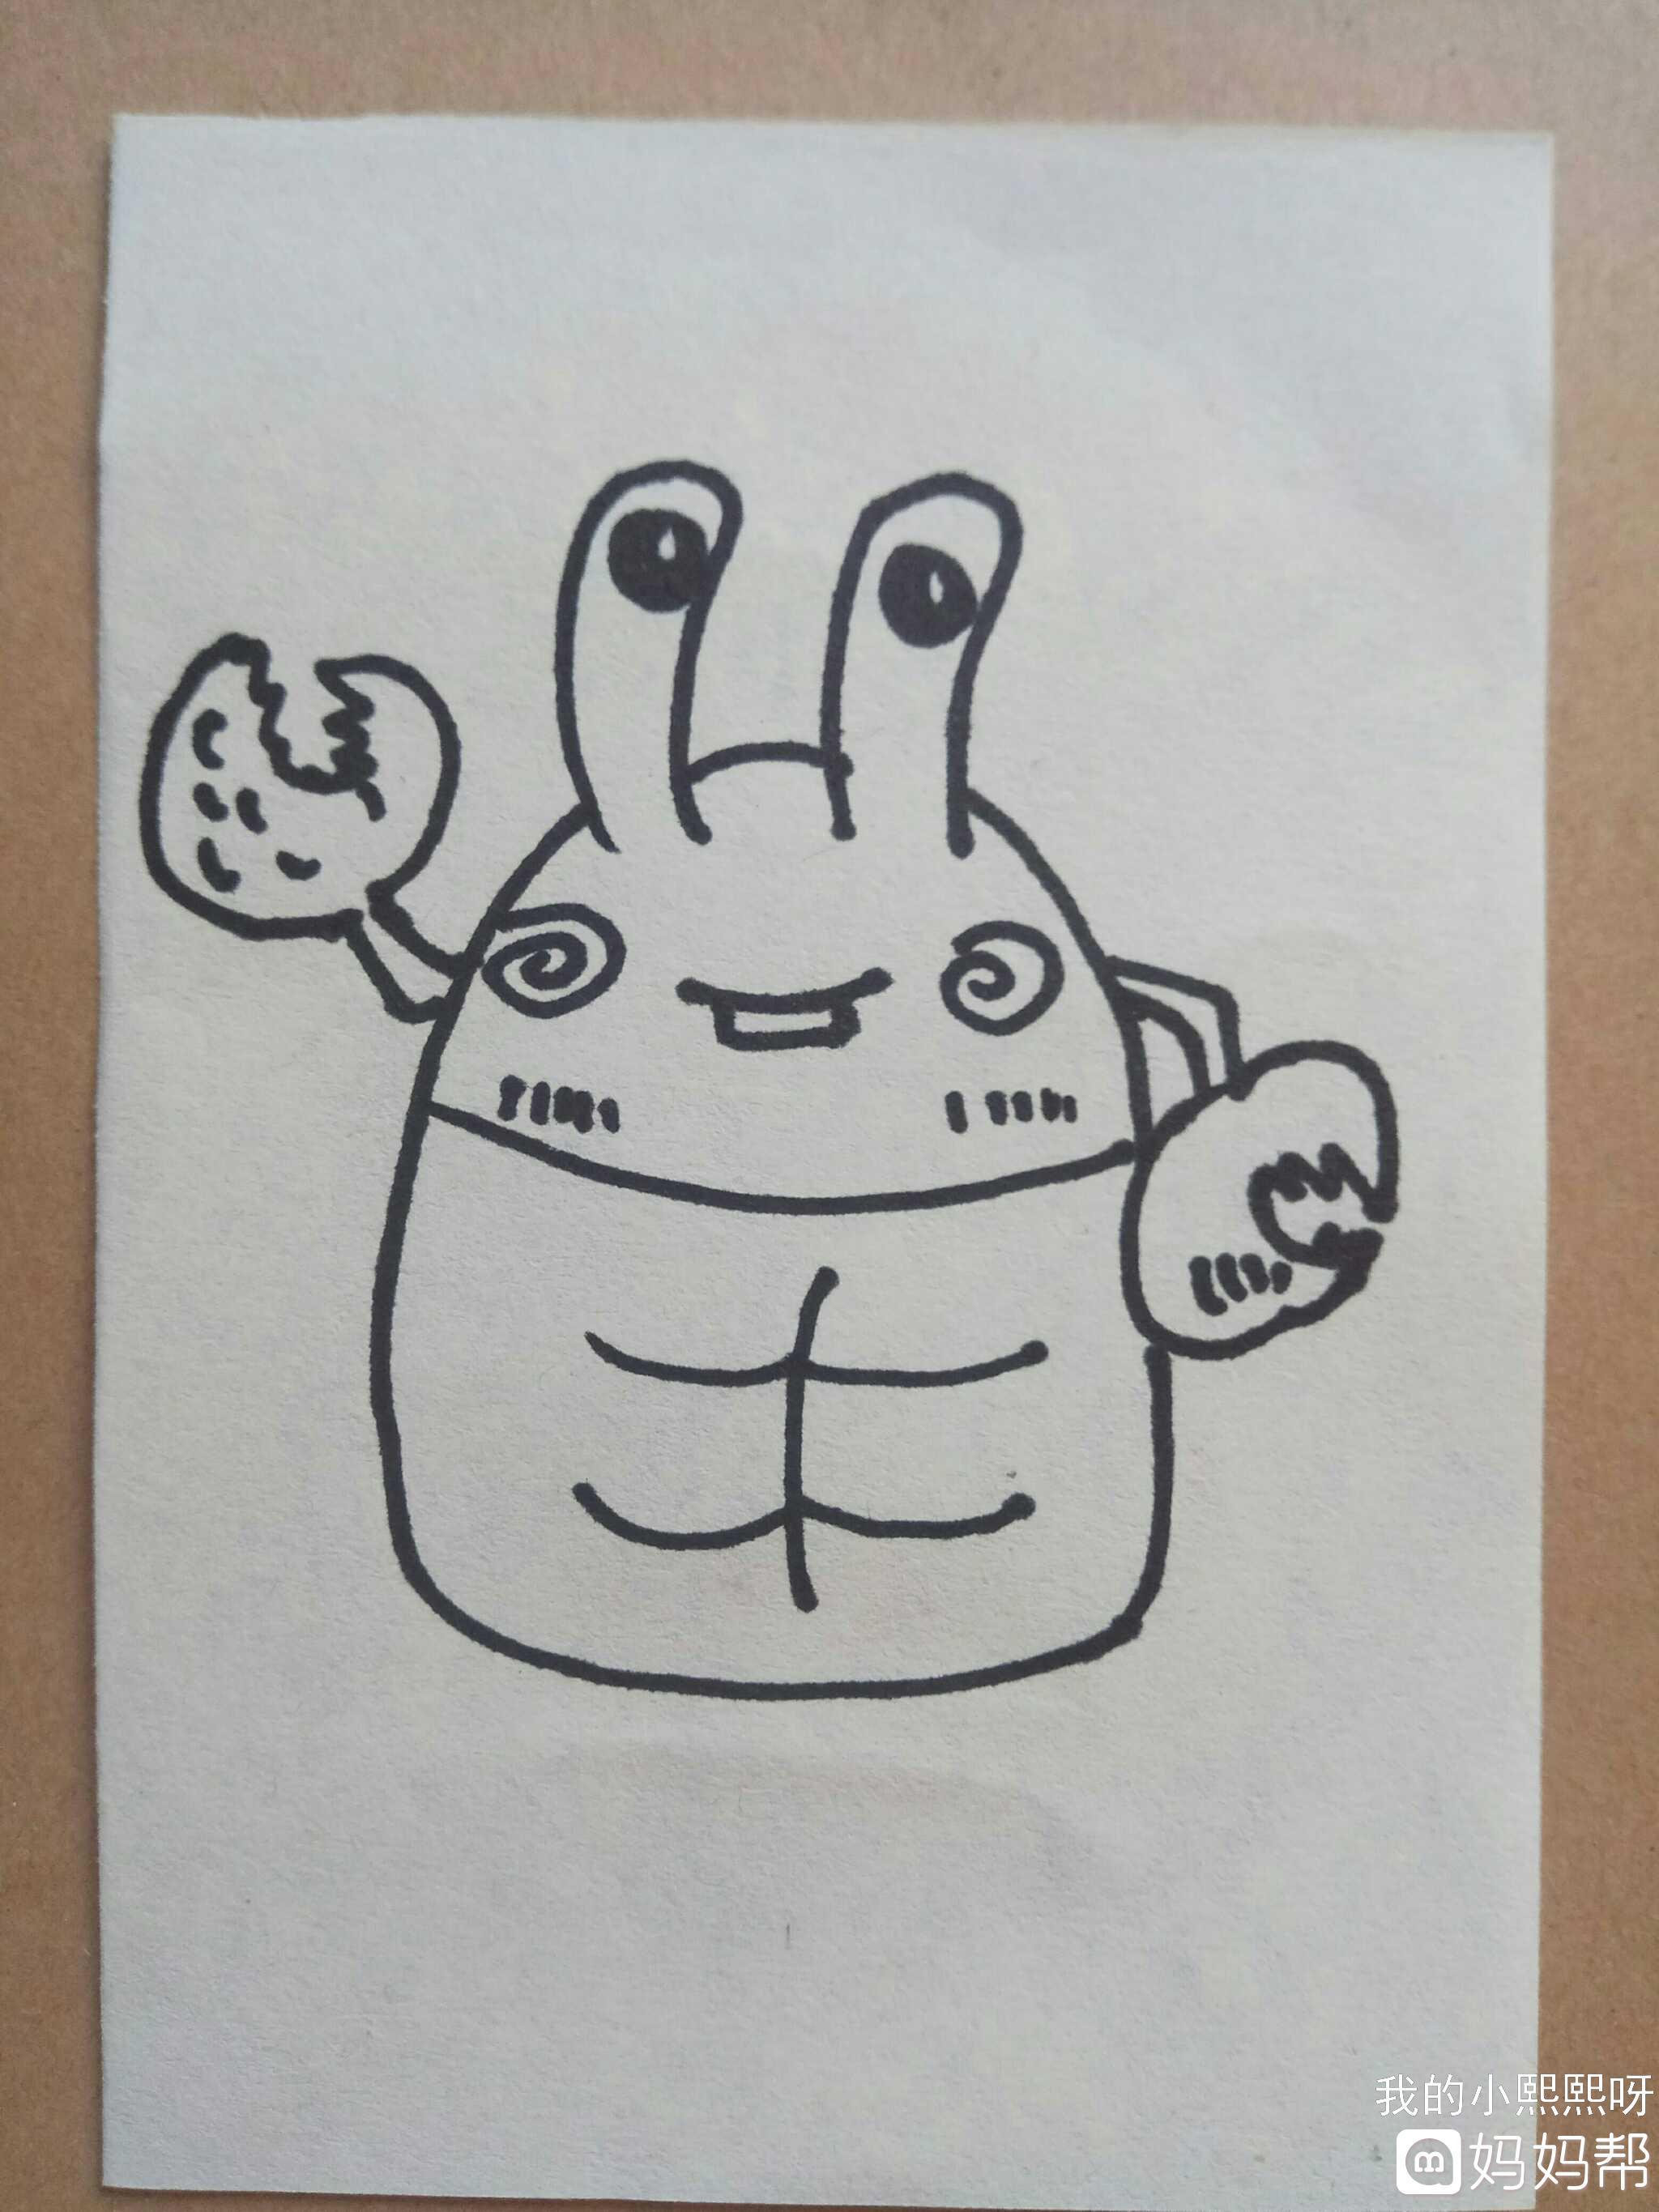 接下来我们再画出蟹老板可爱的脸蛋,还有他的嘴巴吧.